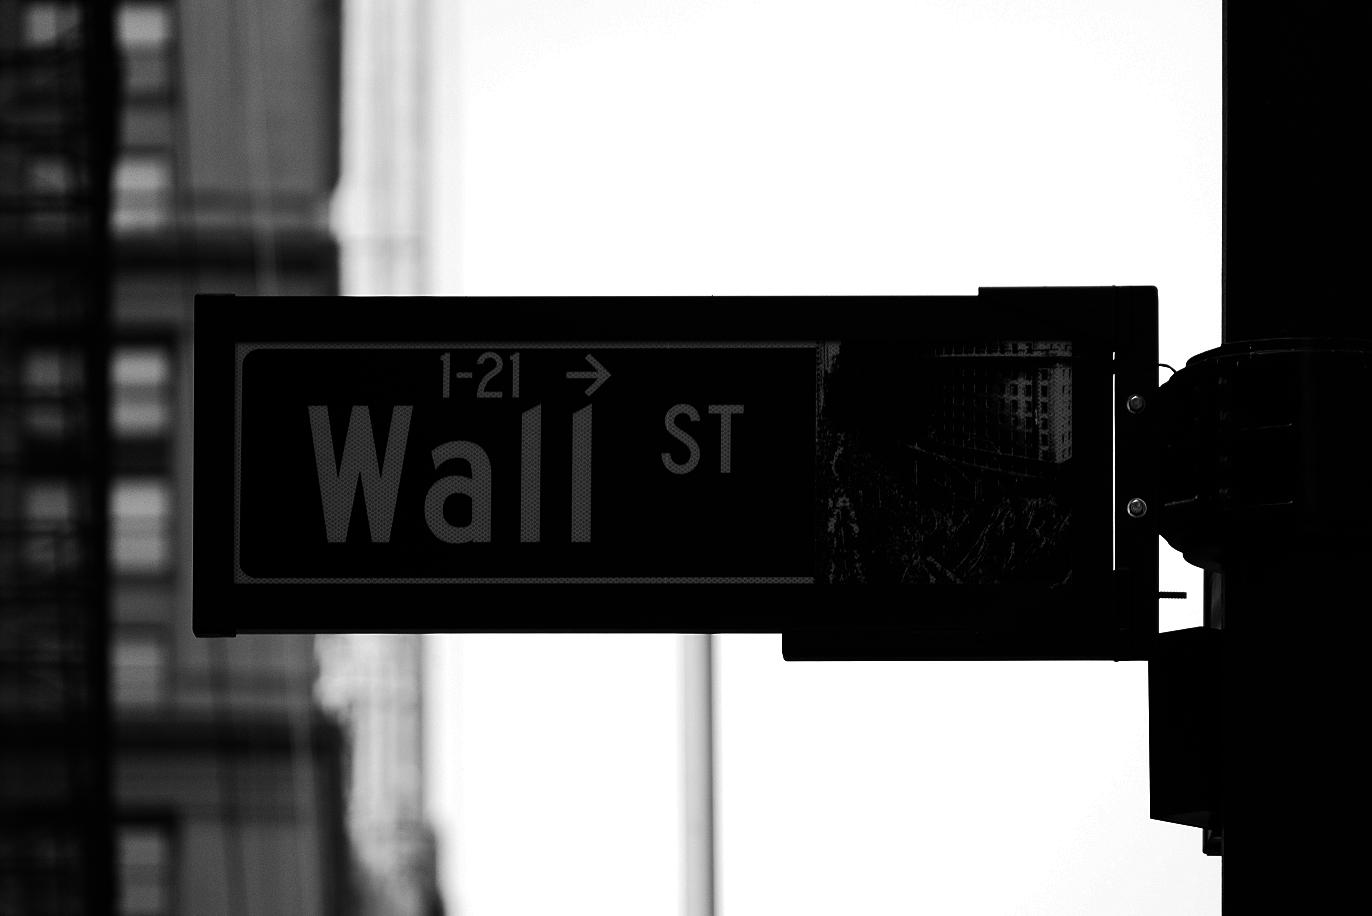 Stock(株式)の語源は?|金融・経済の英単語